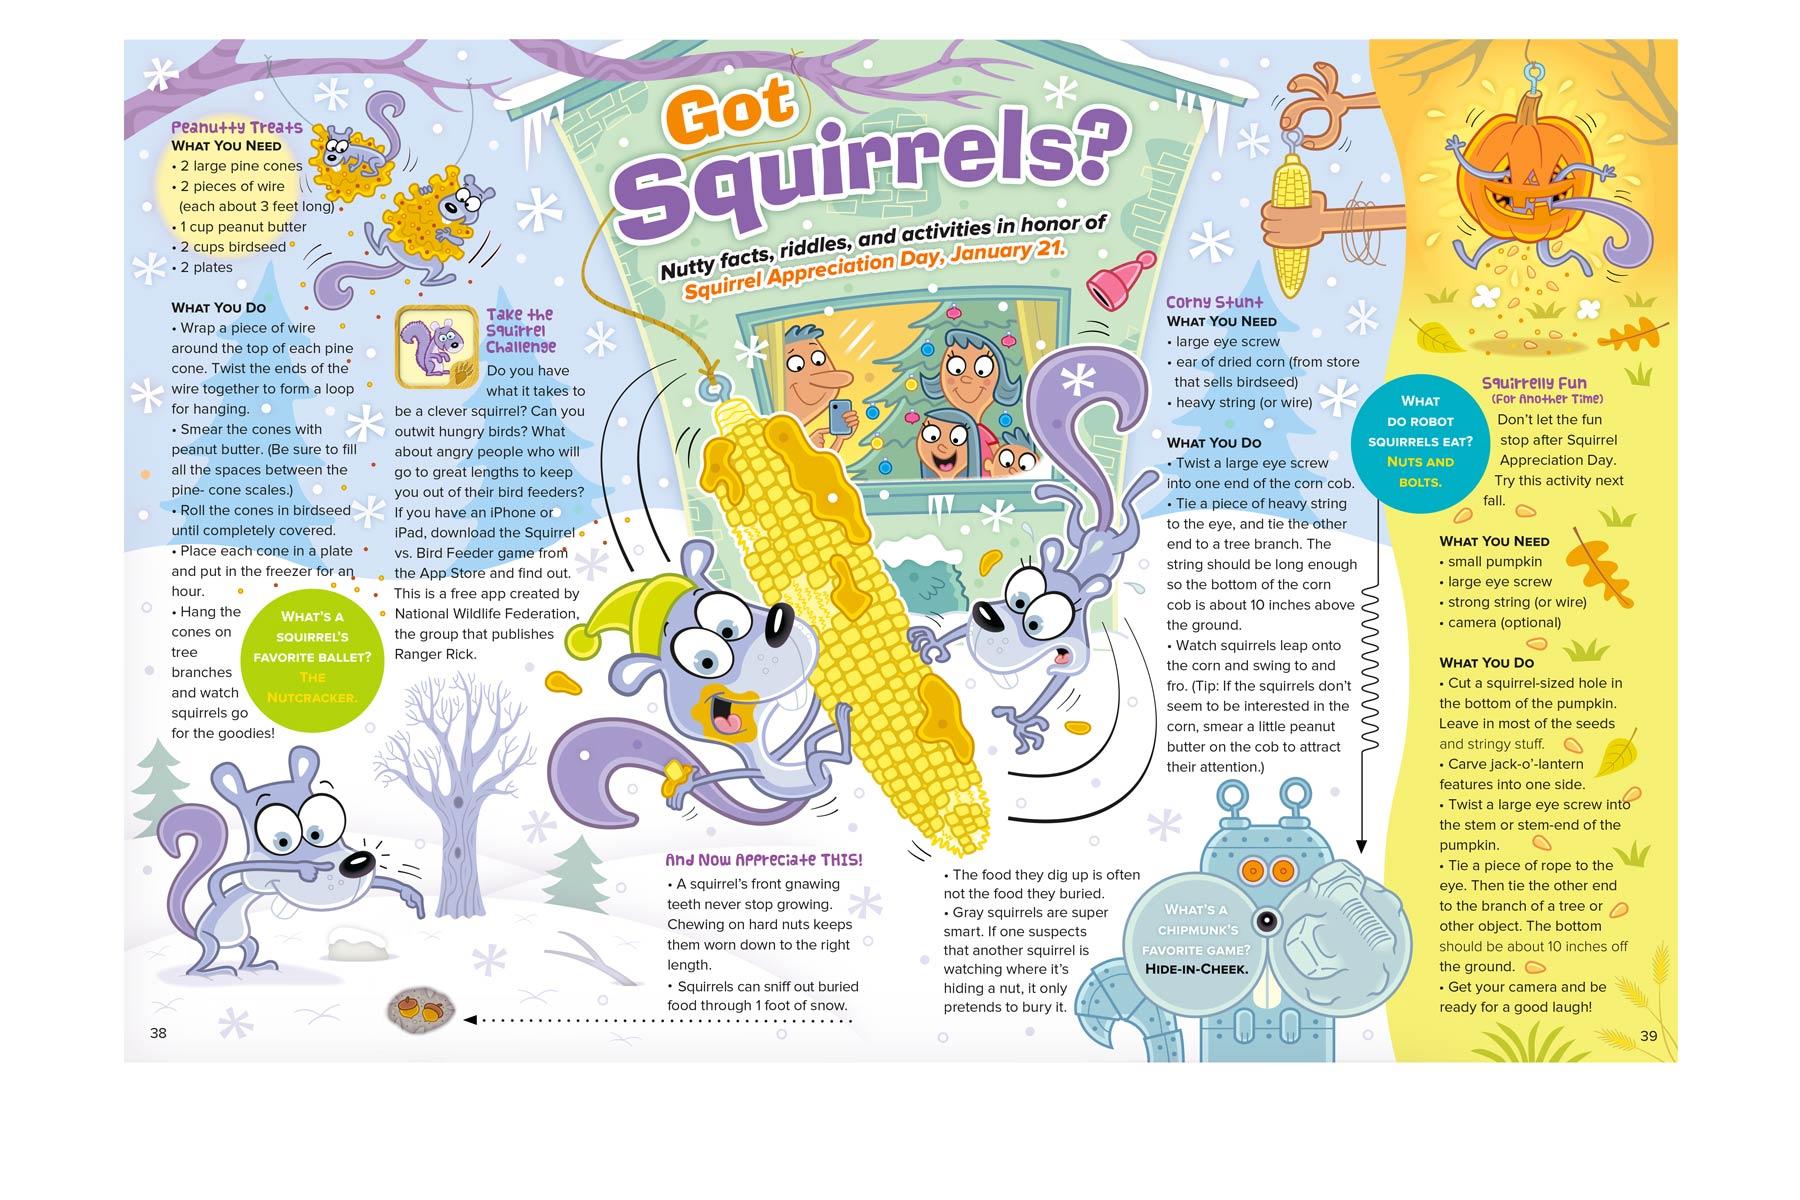 Got Squirrels?